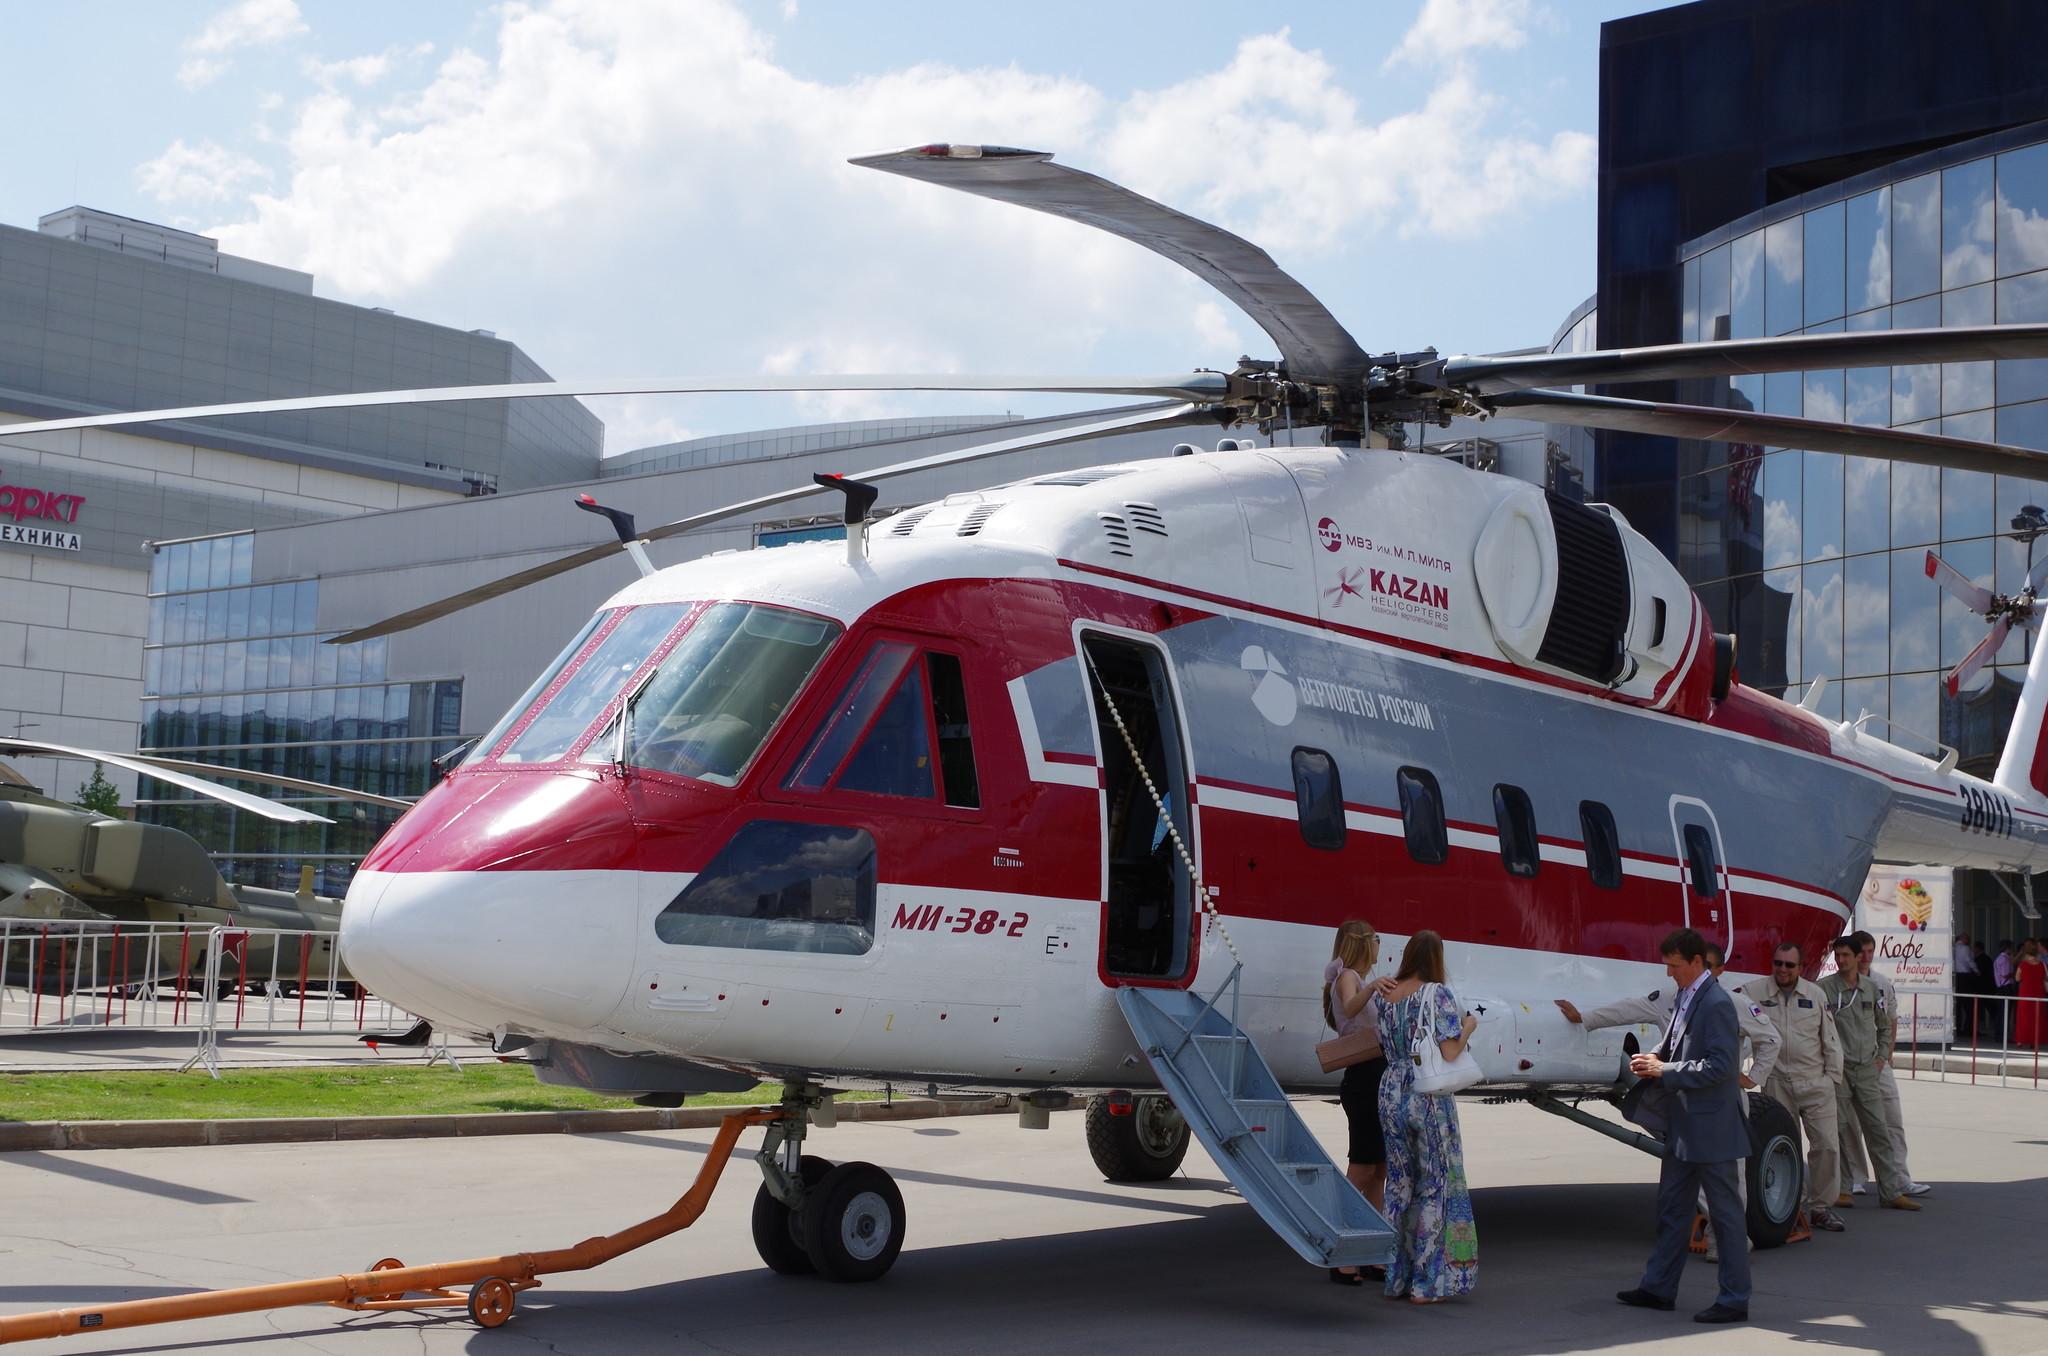 Многоцелевой вертолёт Ми-38 на VII Международной выставке вертолётной индустрии HeliRussia 2014